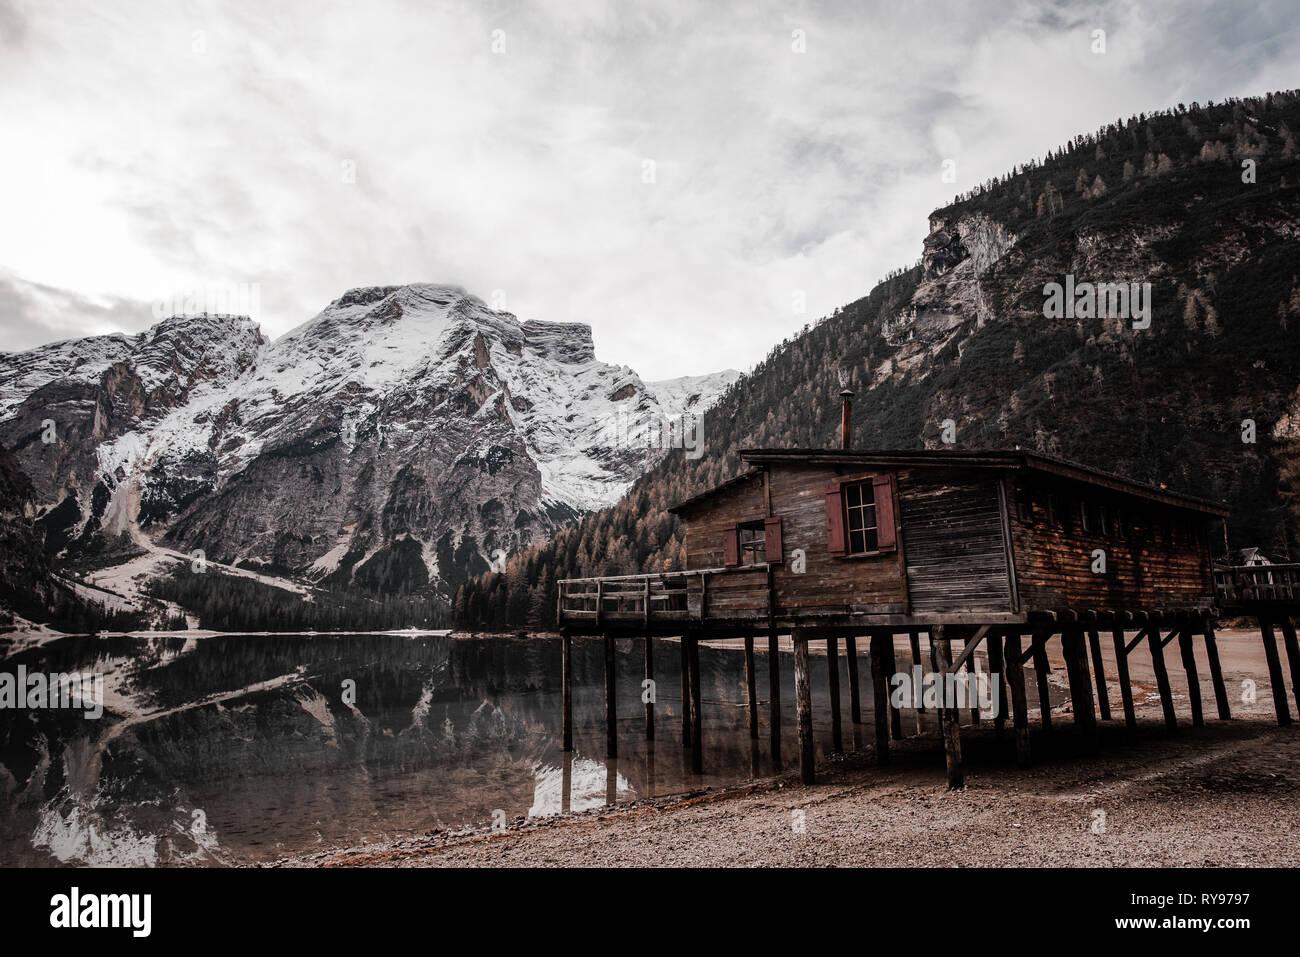 Holzhaus auf Stelzen an der Küste in der Nähe von fantastischen See und Stein hohe Berge und bewölkter Himmel in Italien Stockbild